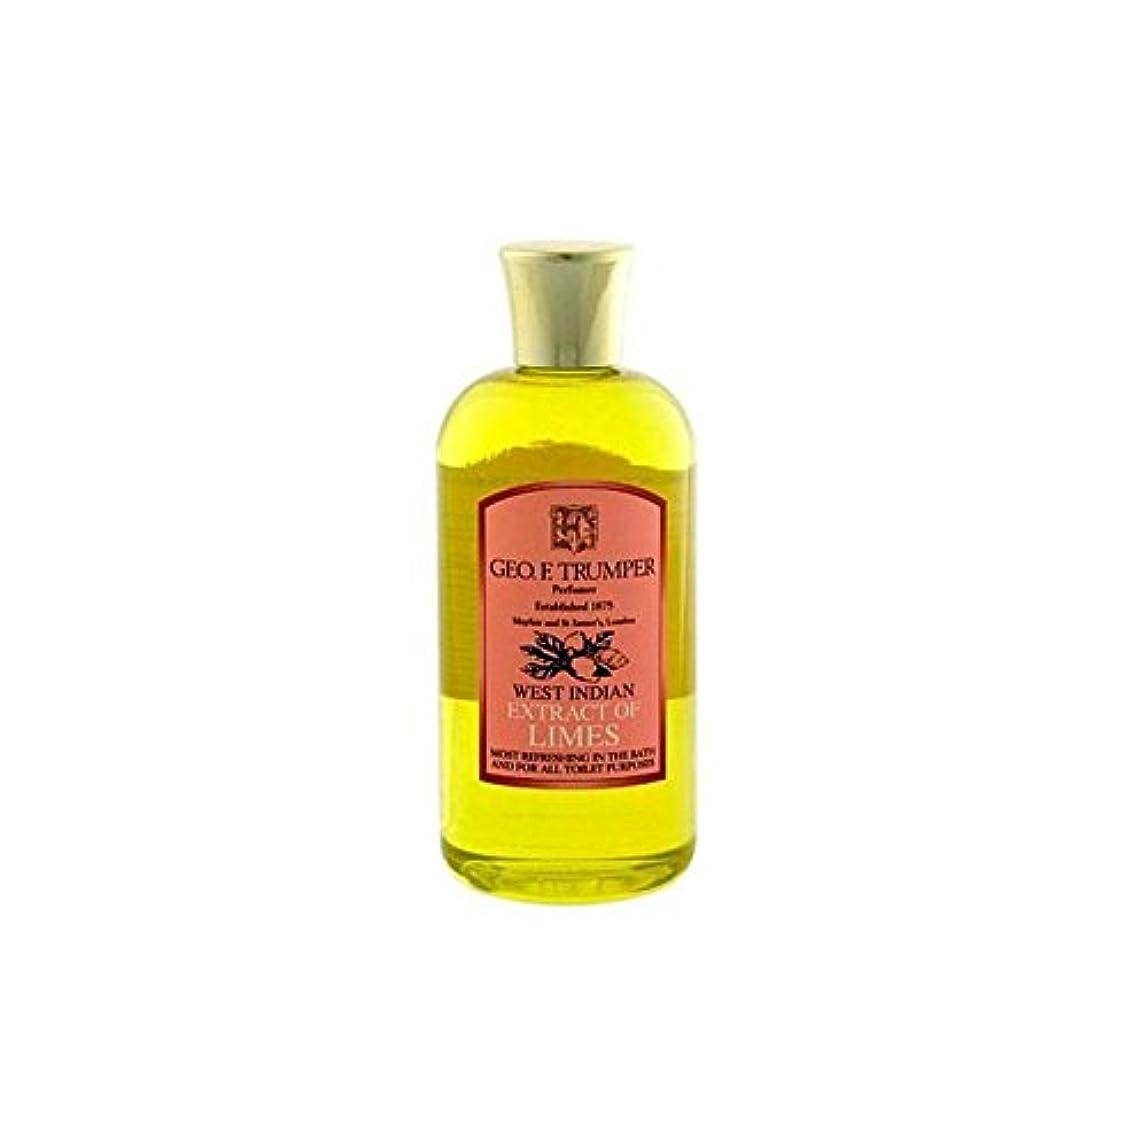 行く選択神社ライムのバスタブとシャワージェル200の抽出物を x2 - Trumpers Extracts of Limes Bath and Shower Gel 200ml (Pack of 2) [並行輸入品]